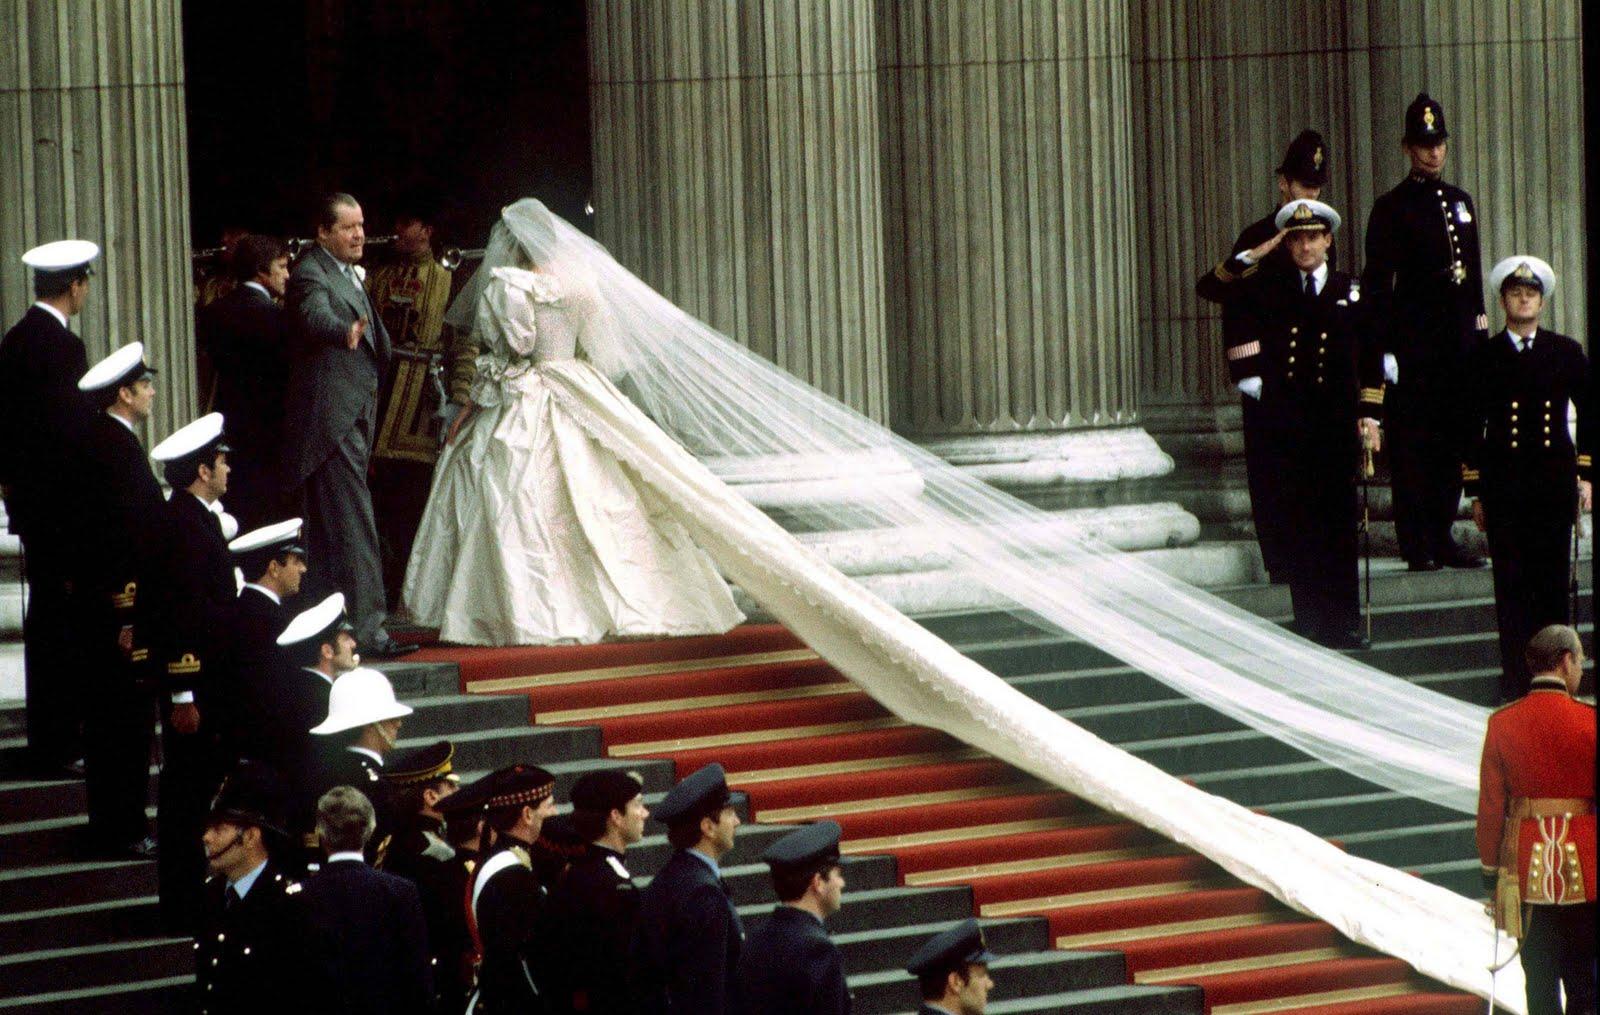 http://1.bp.blogspot.com/-8ENX2N2fOM0/TboRJwAtvcI/AAAAAAAAAjc/dgTH4oRT0aU/s1600/1981-Princess-Diana-Wedding-73399860.jpg